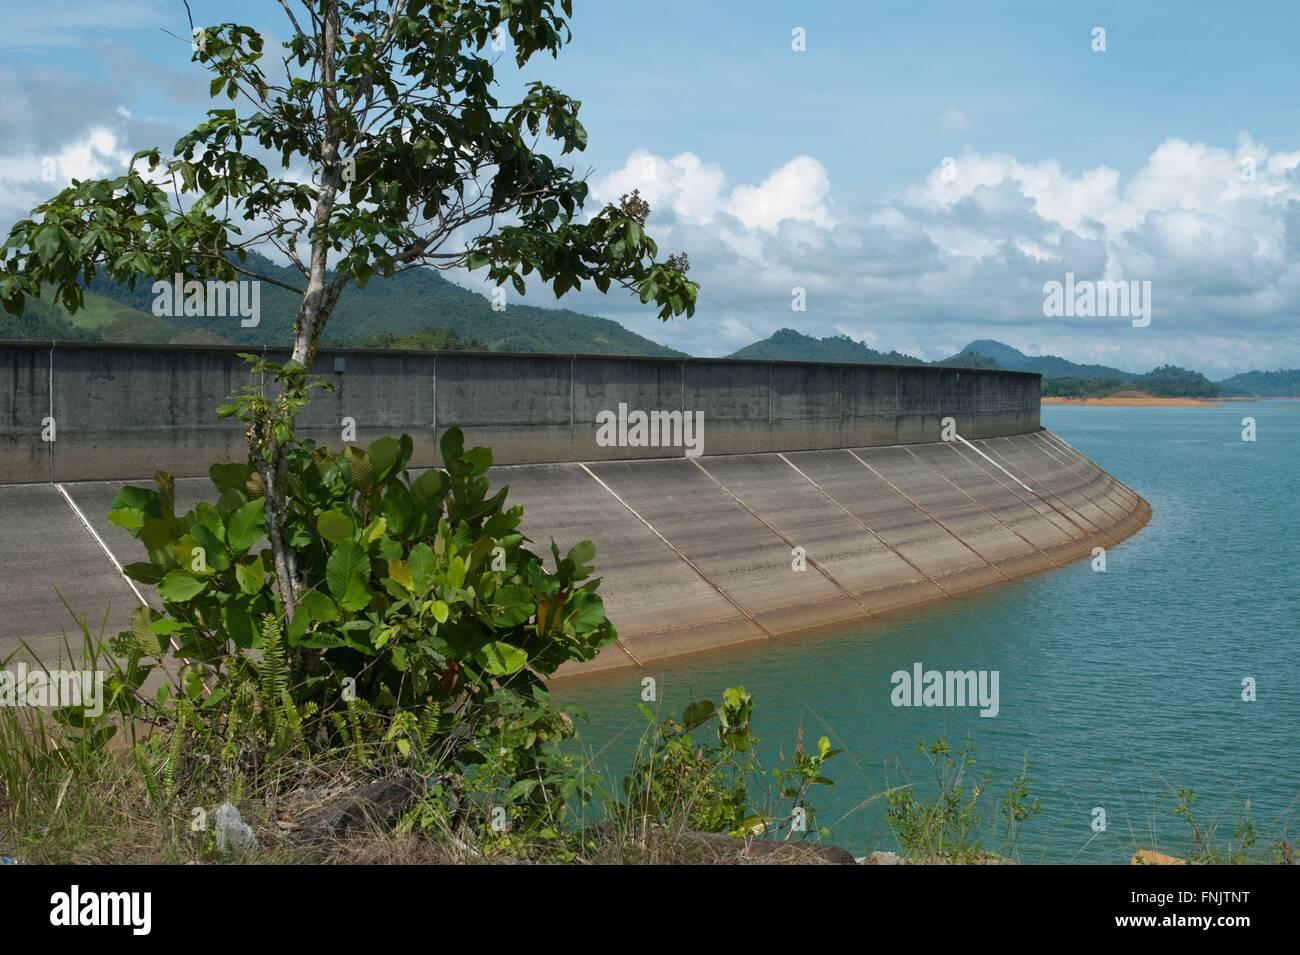 Lubok Antu, Malaysia. 24. Oktober 2014. Der Staudamm von Batang ...